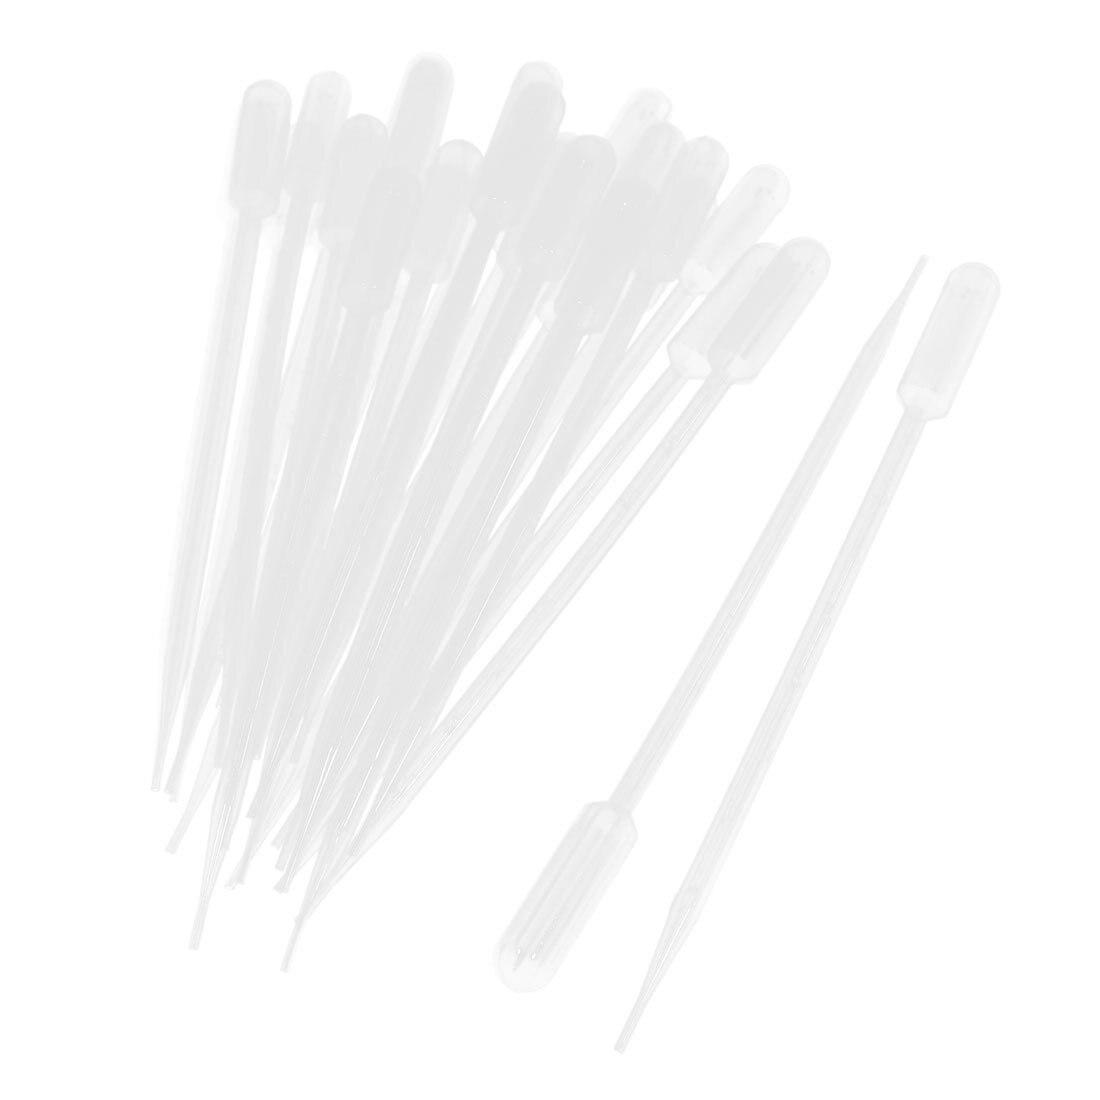 50 pezzi 10 ml di Plastica Trasparente di Trasferimento Pipetta Pasteur Pipettes Droppers